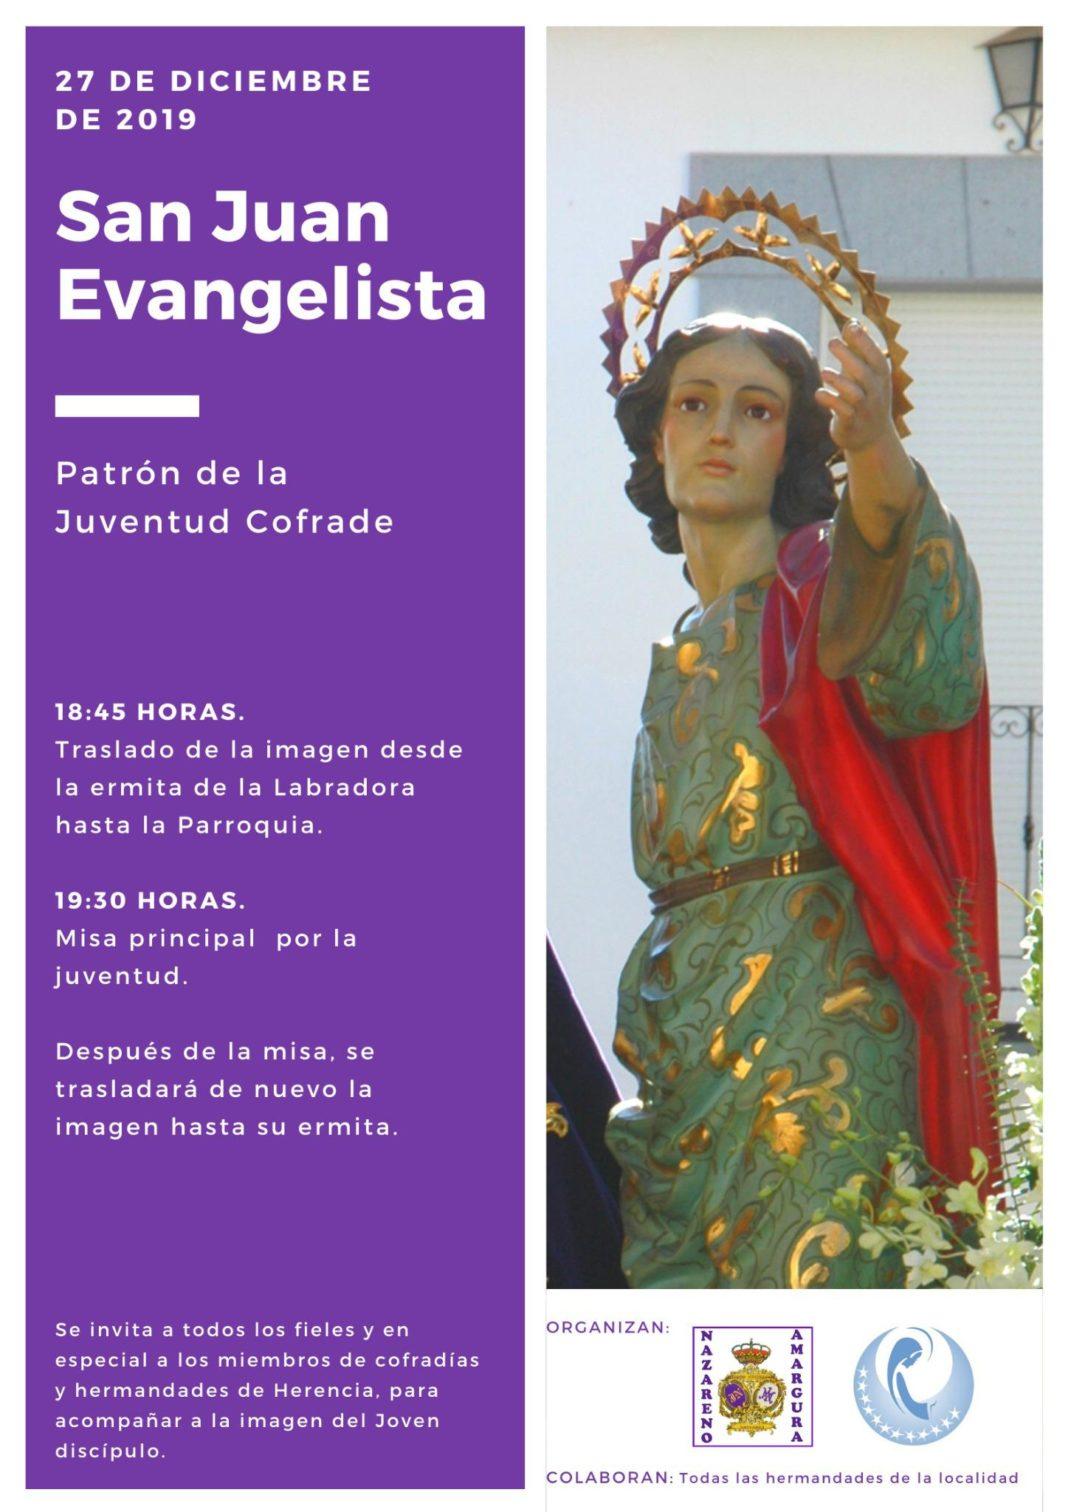 Traslado extraordinario de la imagen de San Juan Evangelista 4